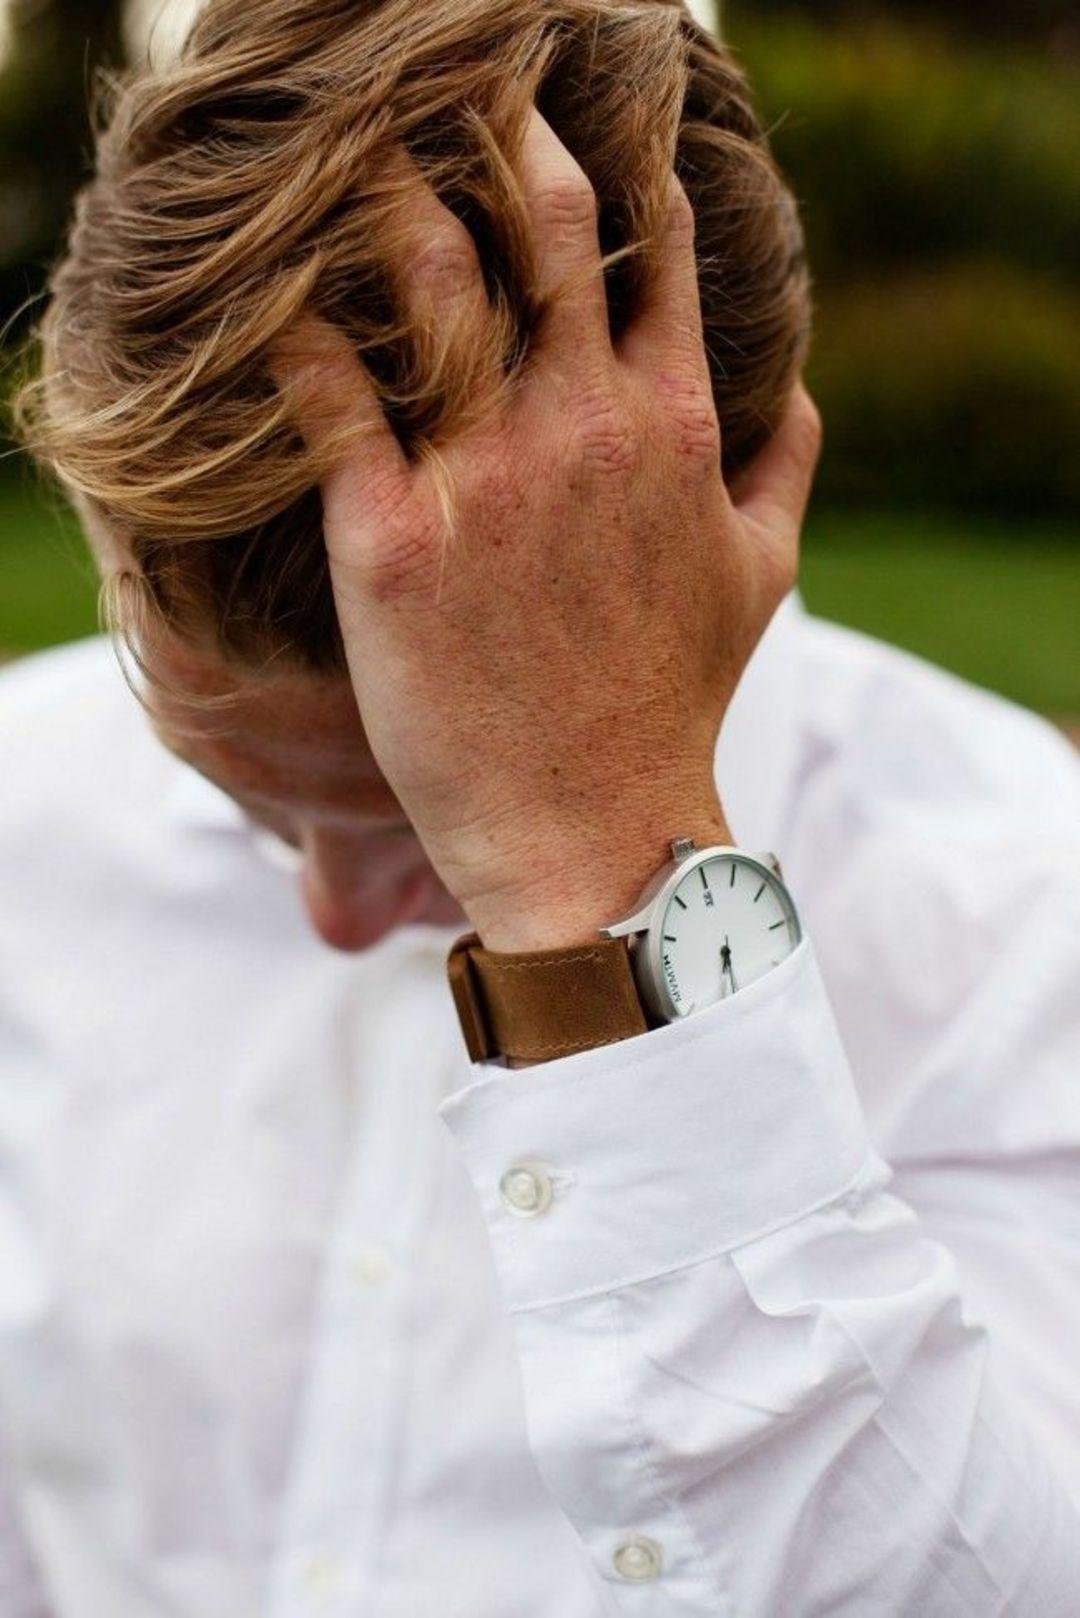 小设计品牌创业,也许可以参考这些手表品牌的路数_时尚_好奇心日报